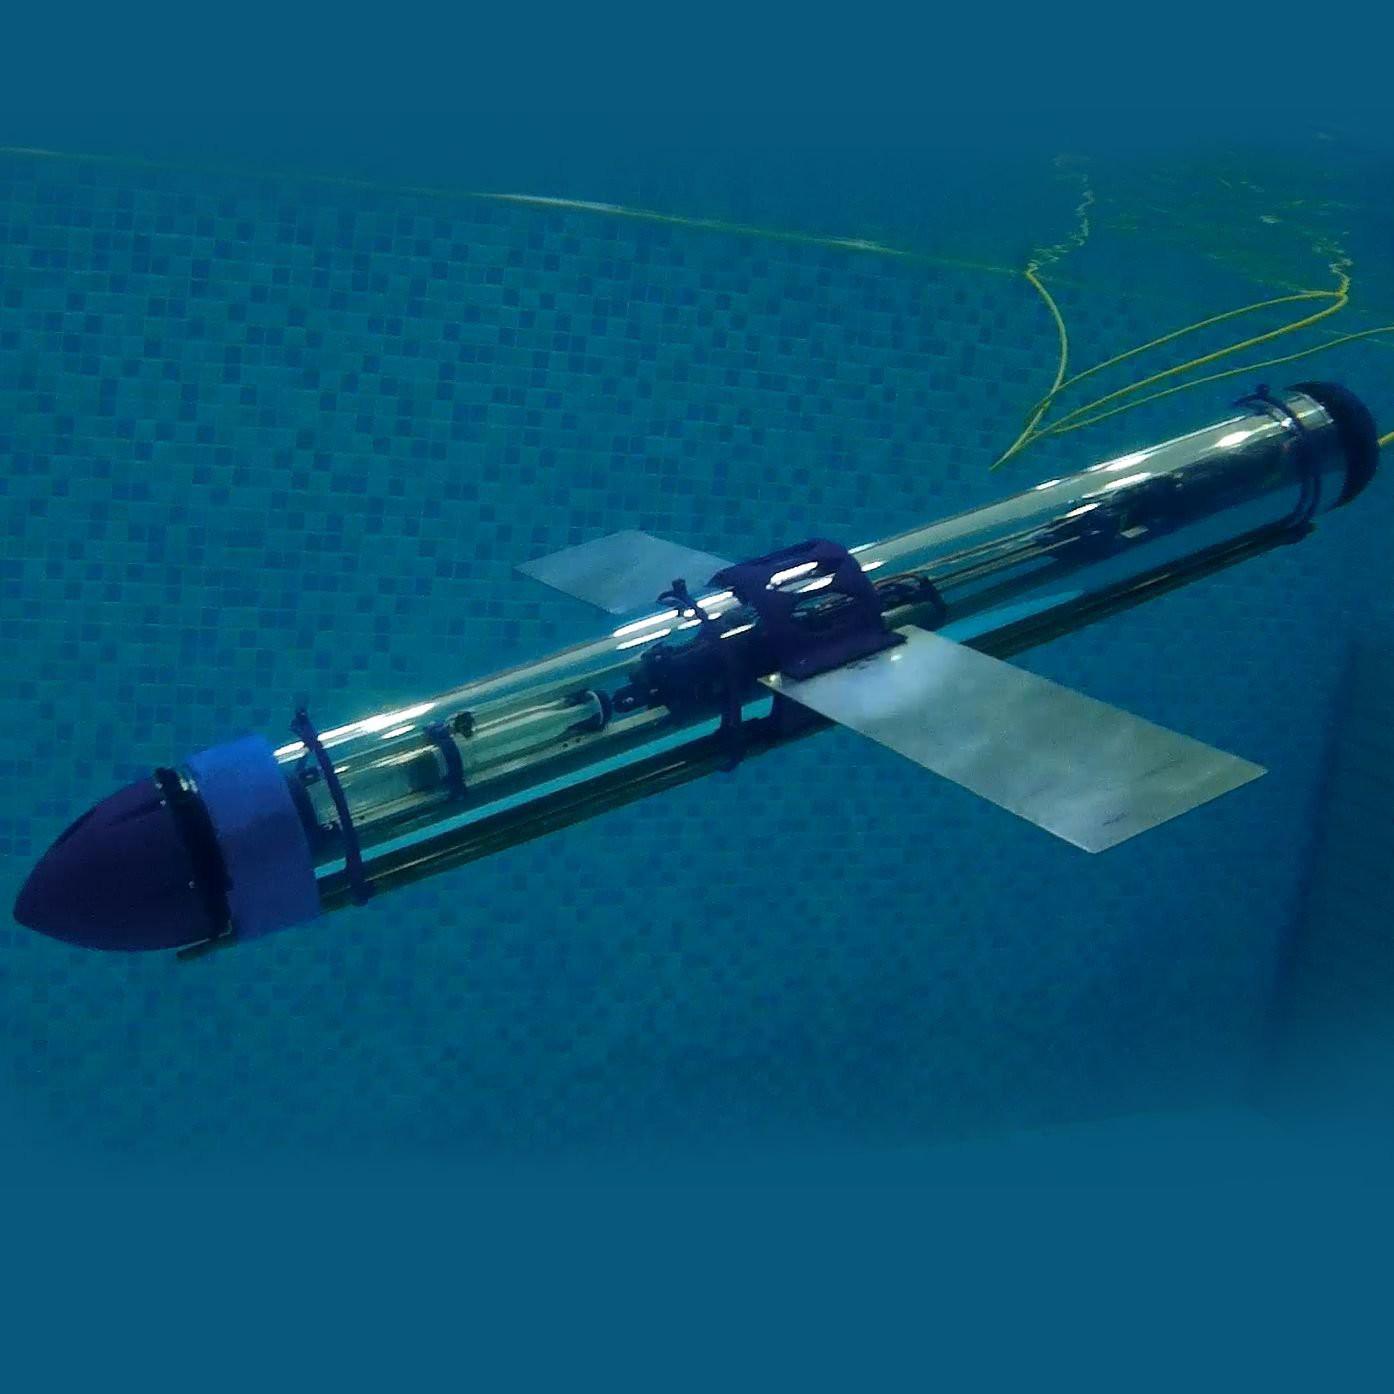 OSUG:开源水下滑翔机——使用浮力发动机的多功能自动环保无人机